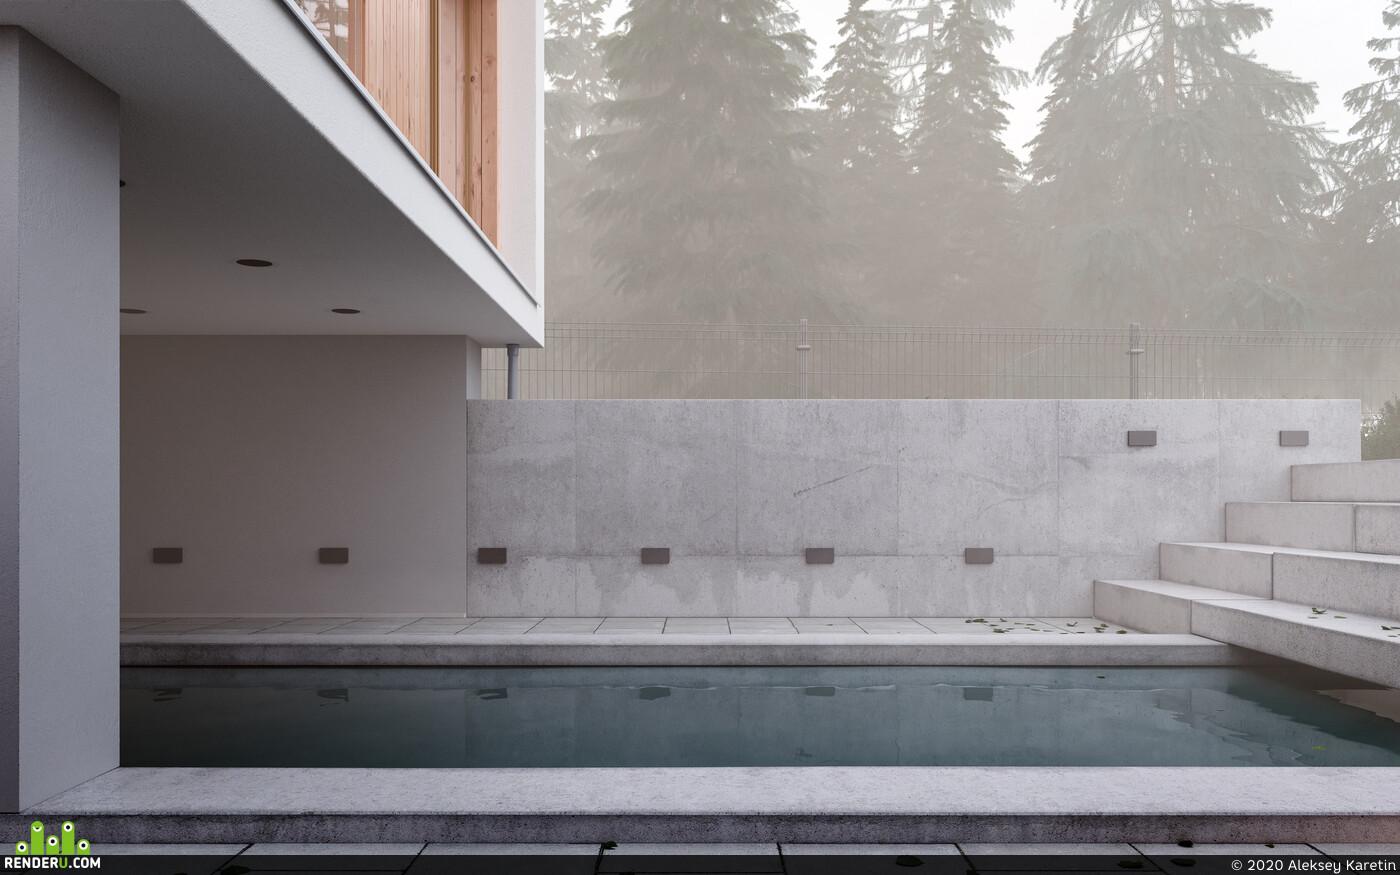 архитектурная визуализация, 3D архитектура, жилой дом, атмосфера, атмосфера уюта, Вечернее освещение, коронарендер, рендеркорона, корона Архитектурнаявизуализация